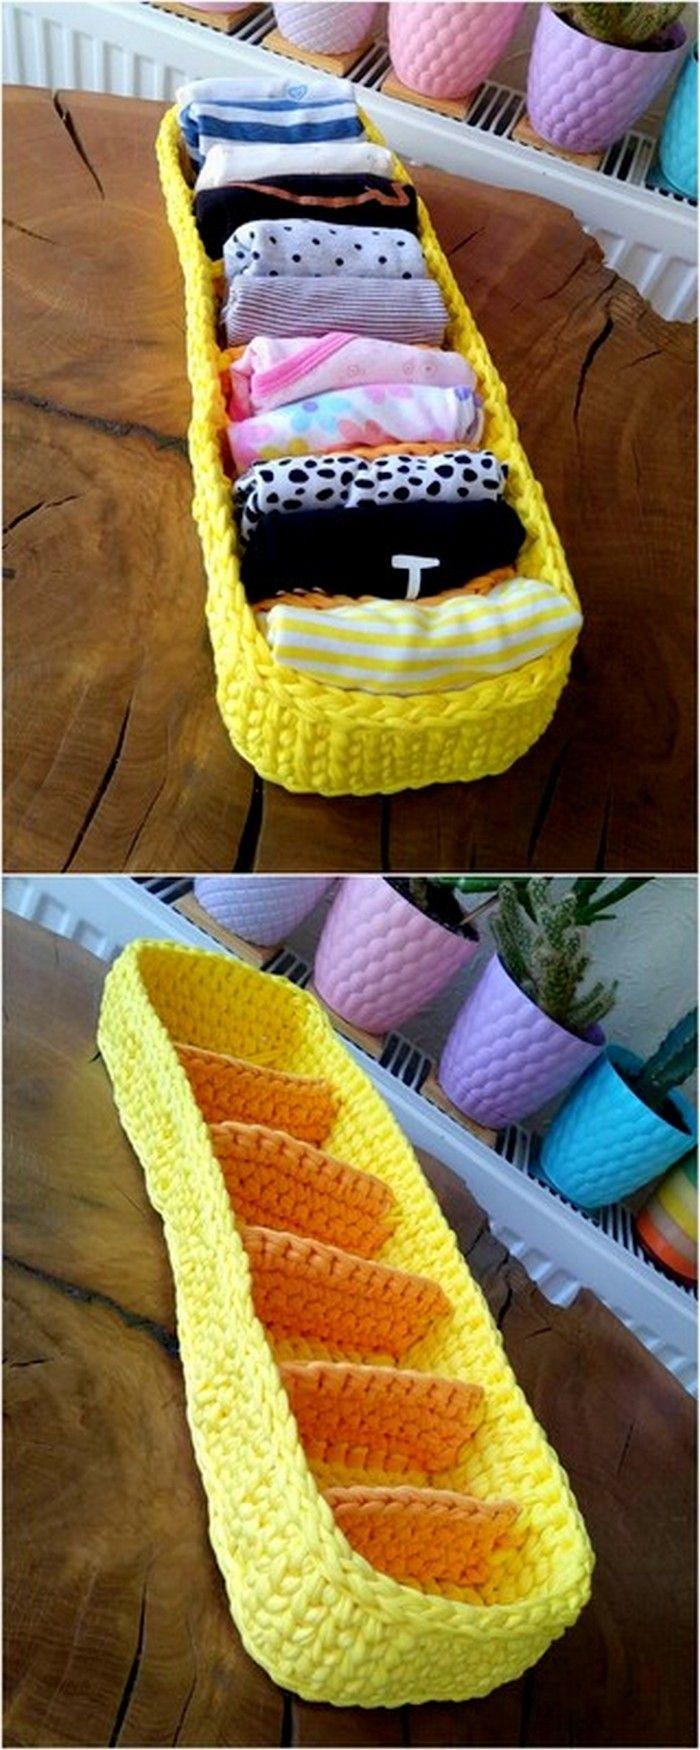 Easy Crochet Ideas For Useful Crochet Creations #crochetprojects